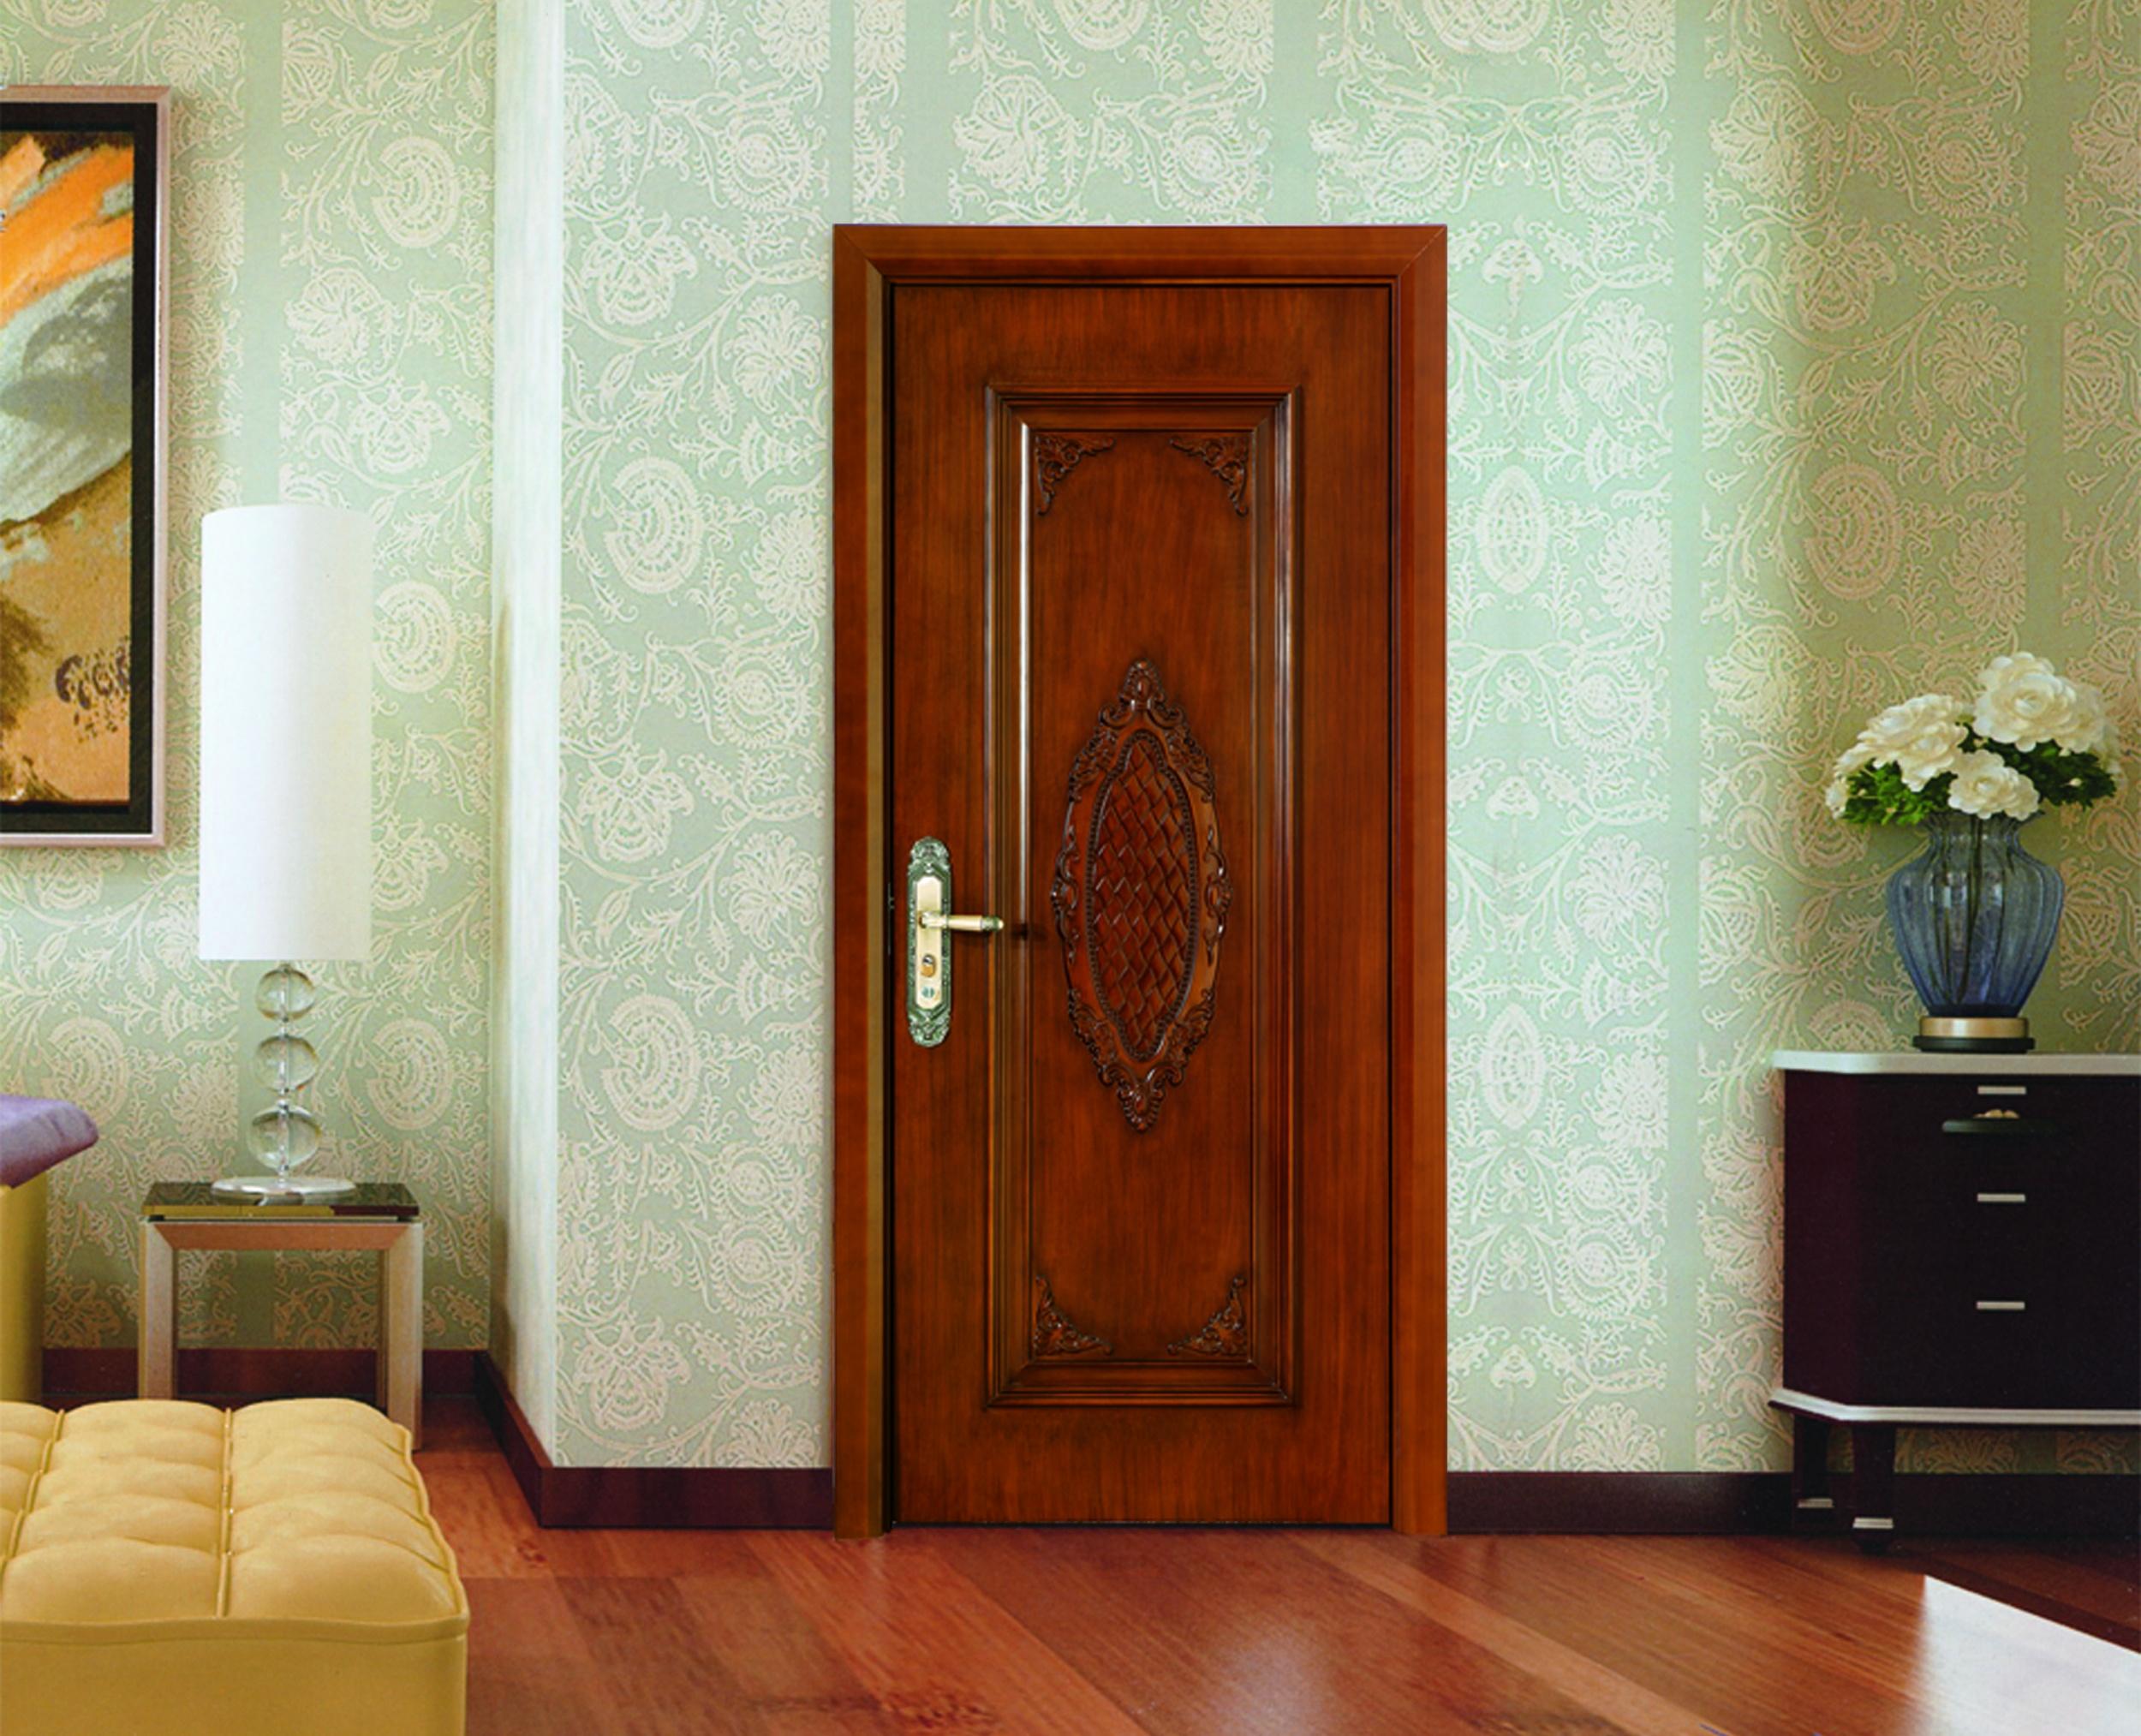 新房室內裝修時,多數選擇是先鋪地板后再安裝木門